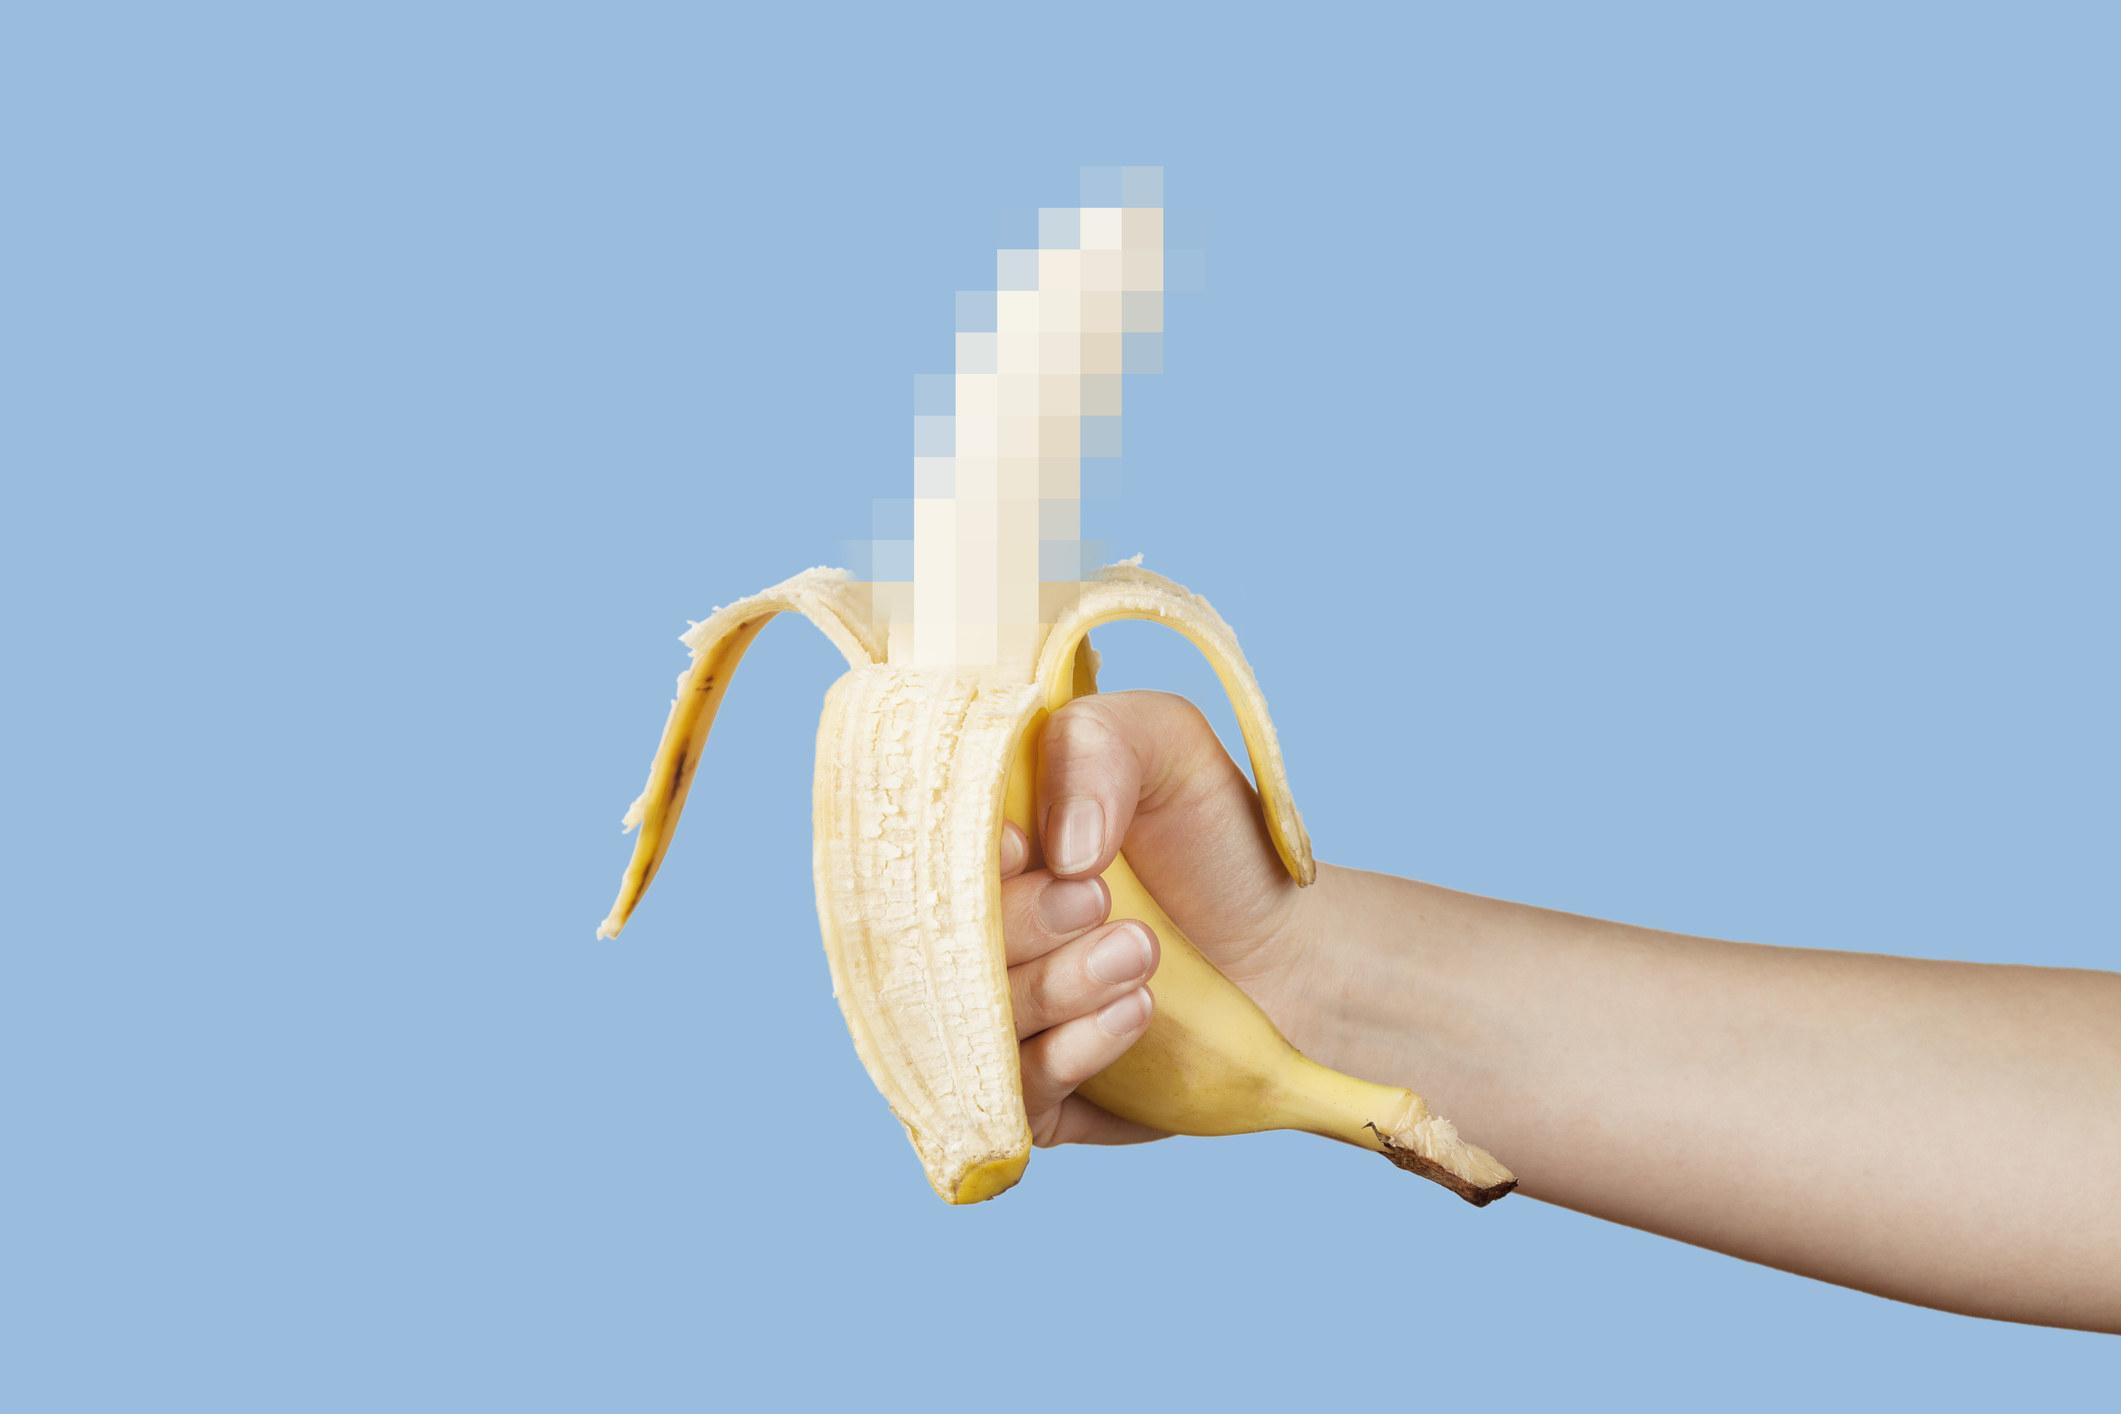 A censored banana